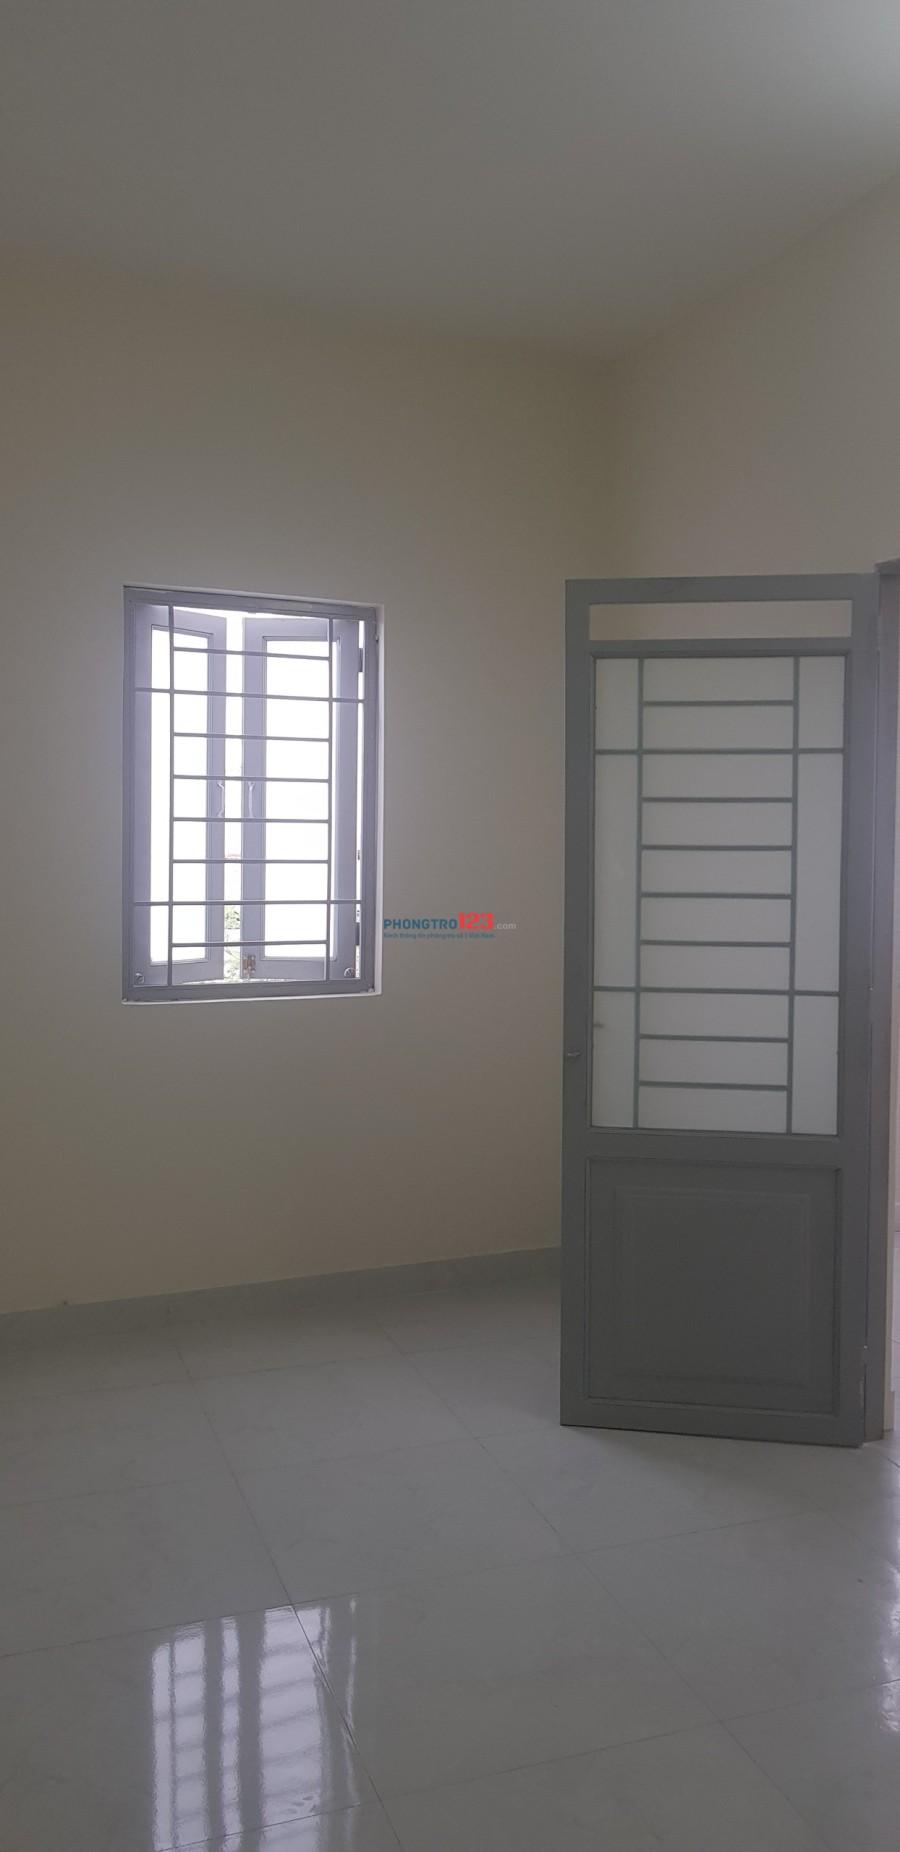 Cho thuê phòng trọ đường Tạ Quang Bửu, quận 8 (Gần bến xe Quận 8)